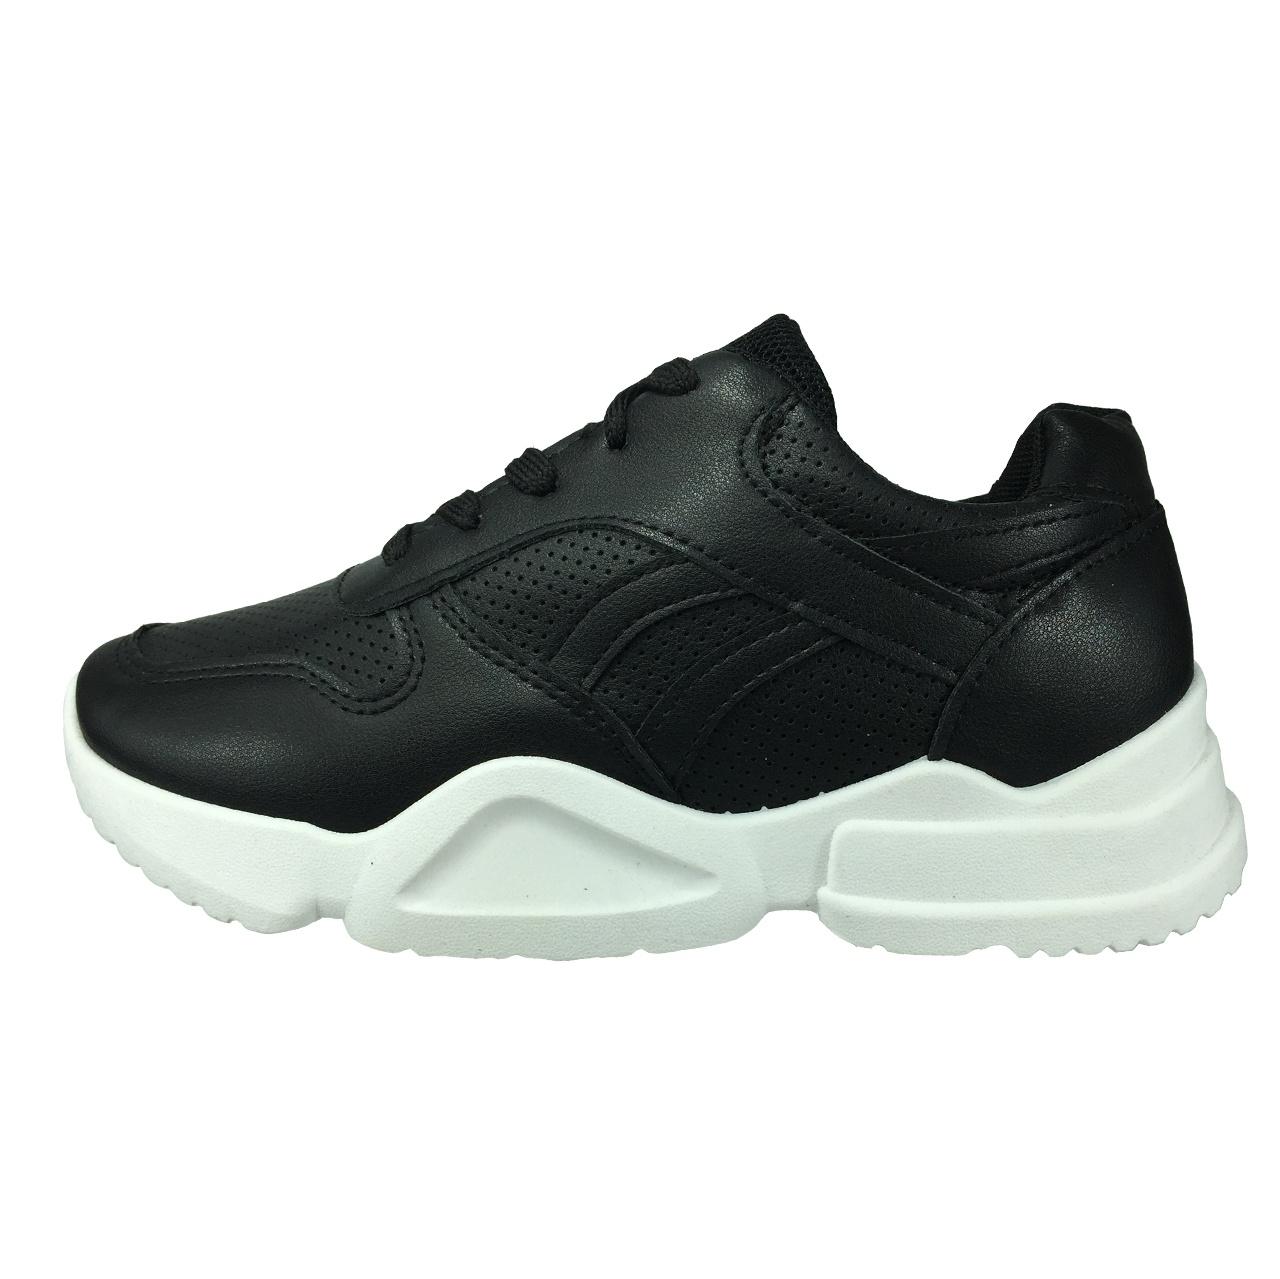 کفش زنانه مدل B456 رنگ مشکی